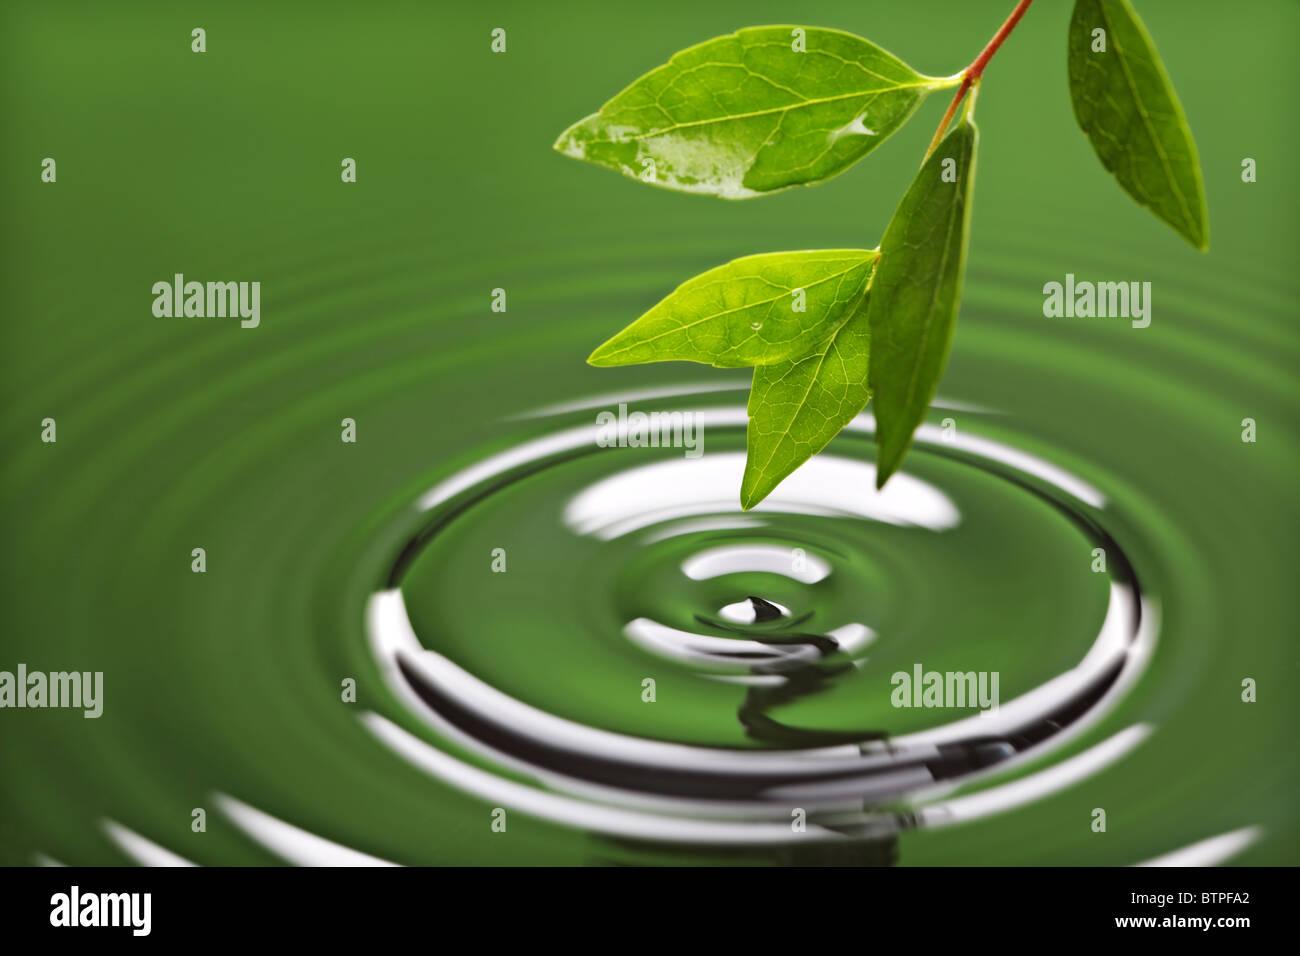 Foglia verde con acqua ripple Immagini Stock